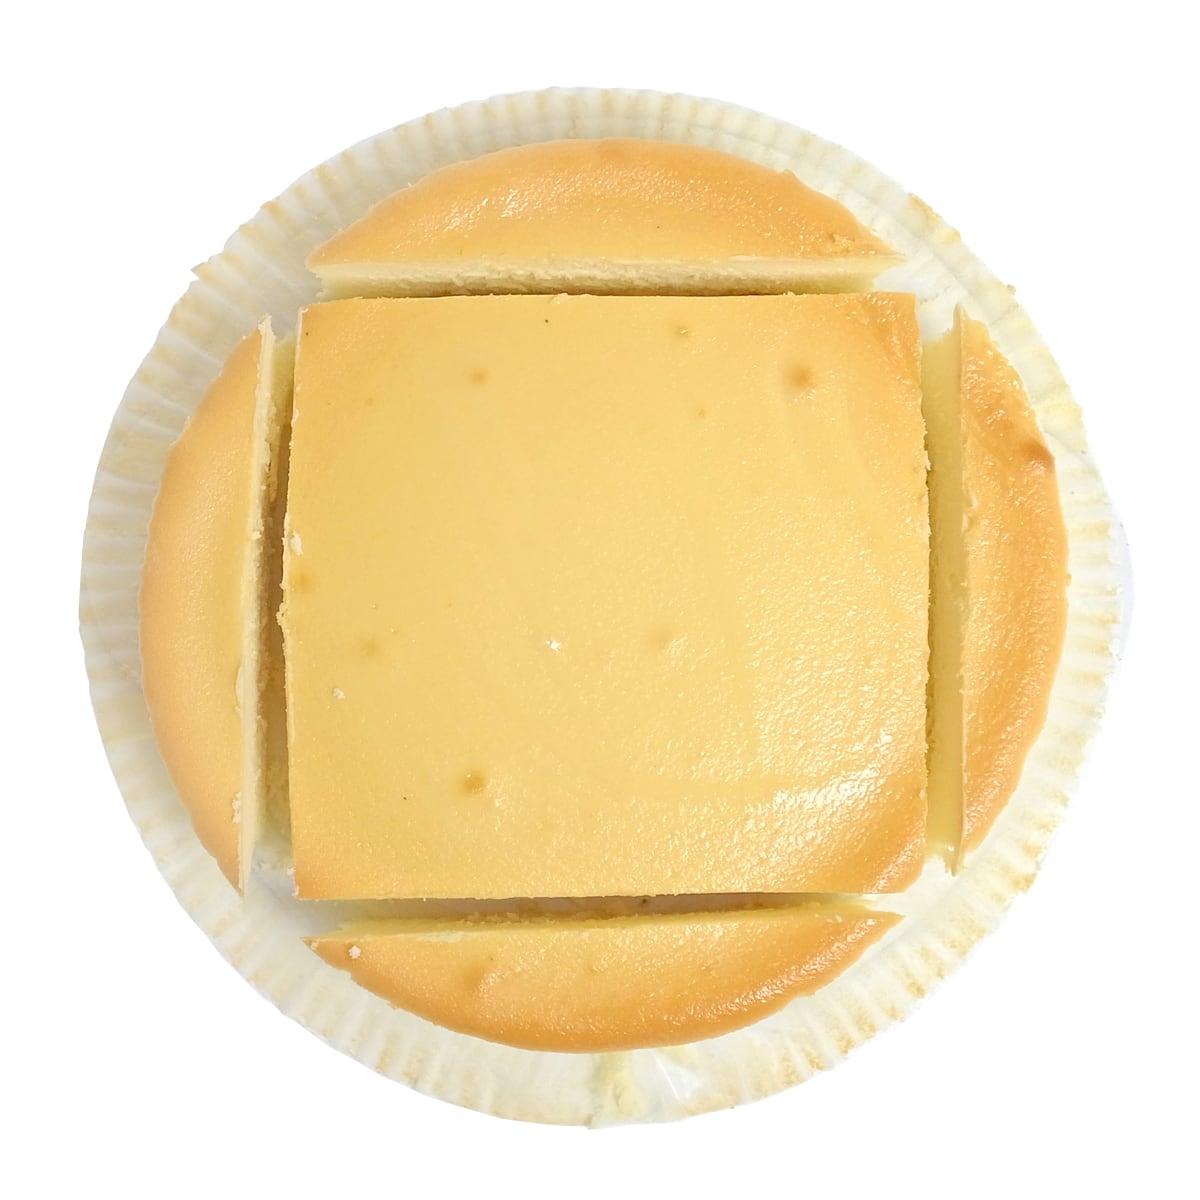 スフレチーズケーキの切り分け